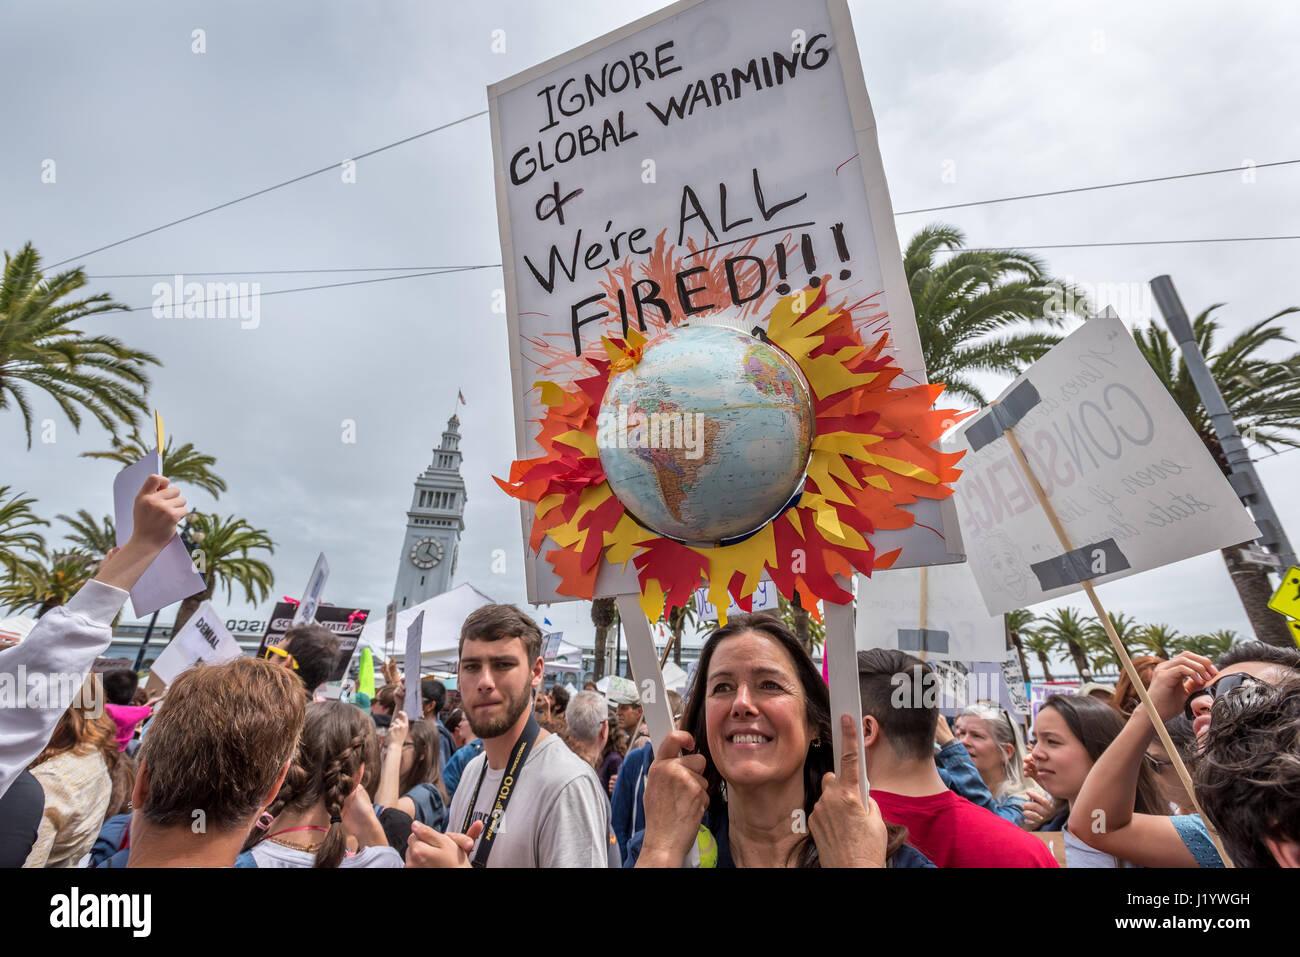 San Francisco, Californie, USA. 22 avril, 2017. 'Ignorer le réchauffement de la planète et nous sommes Photo Stock